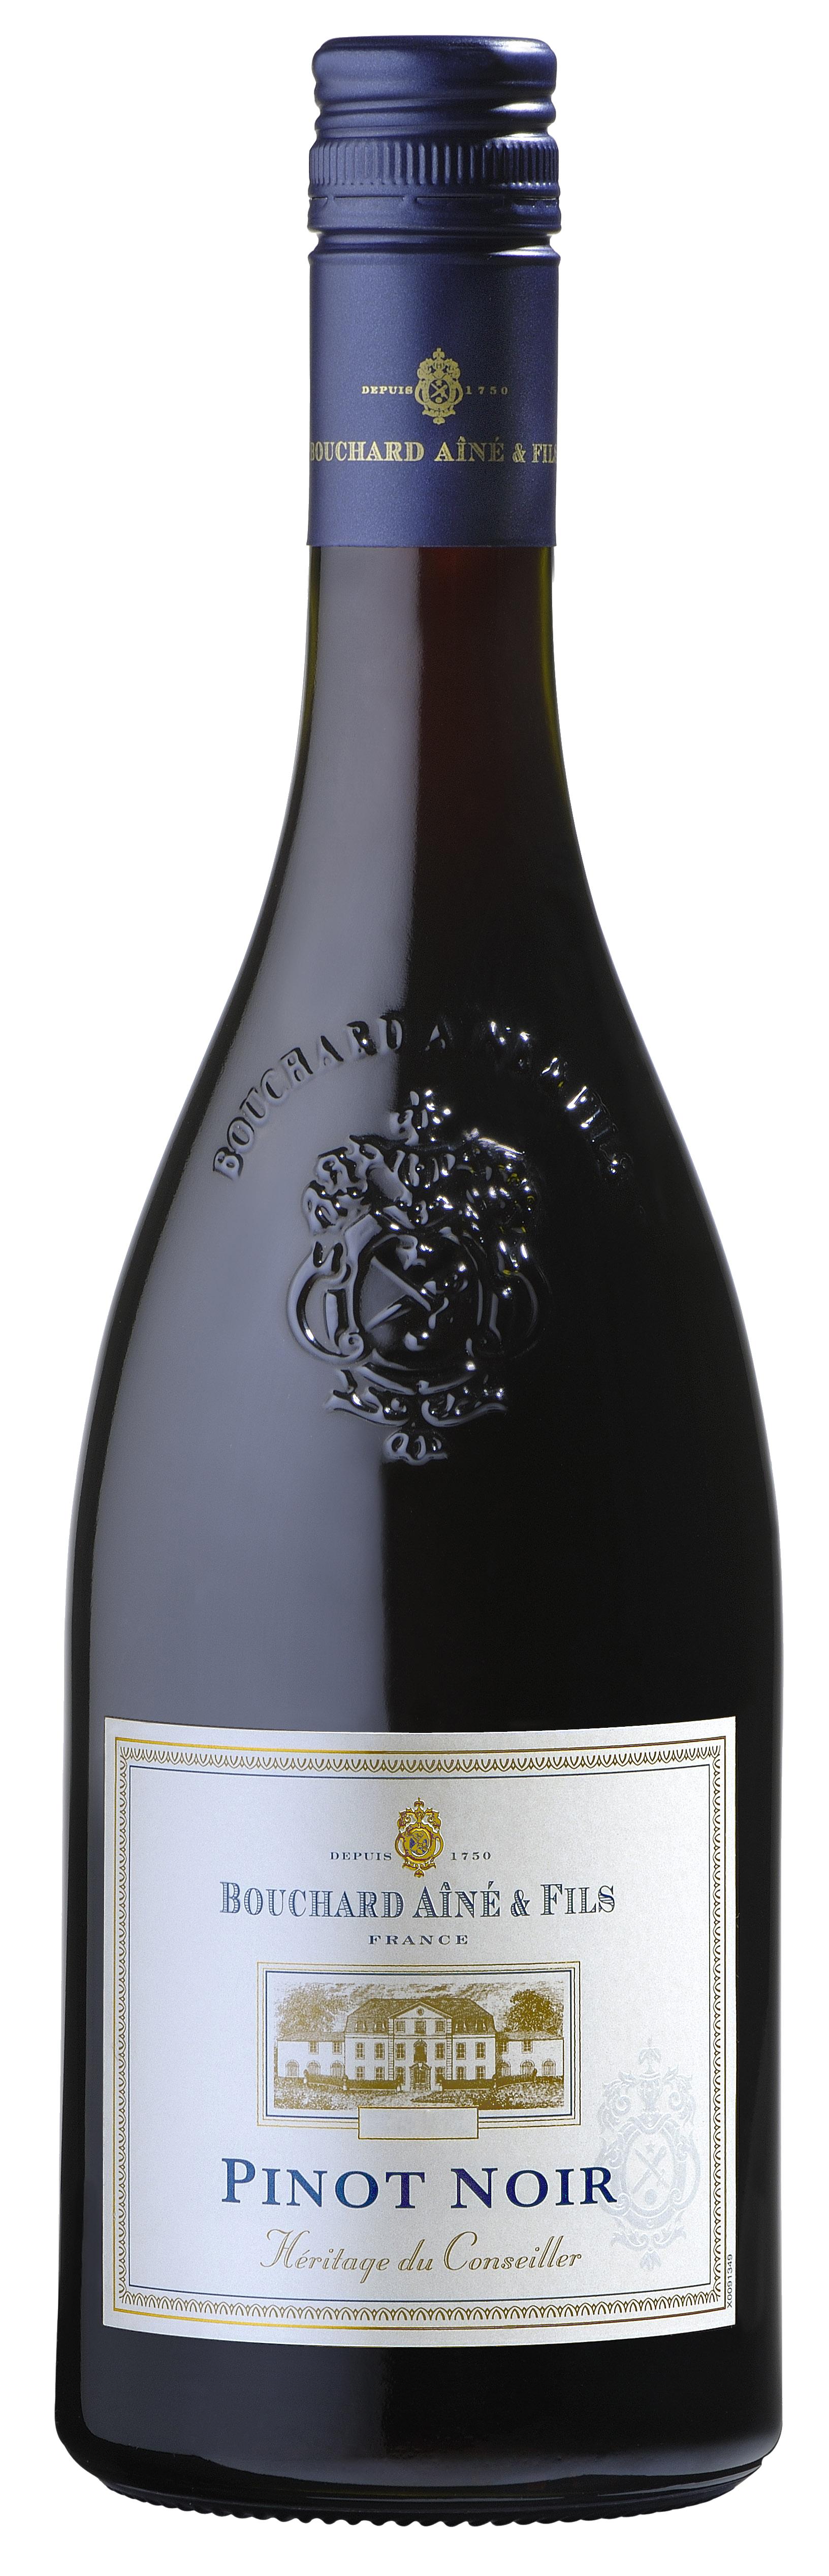 Igp Pays D Oc Pinot Noir Brand Assets Trade Boisset